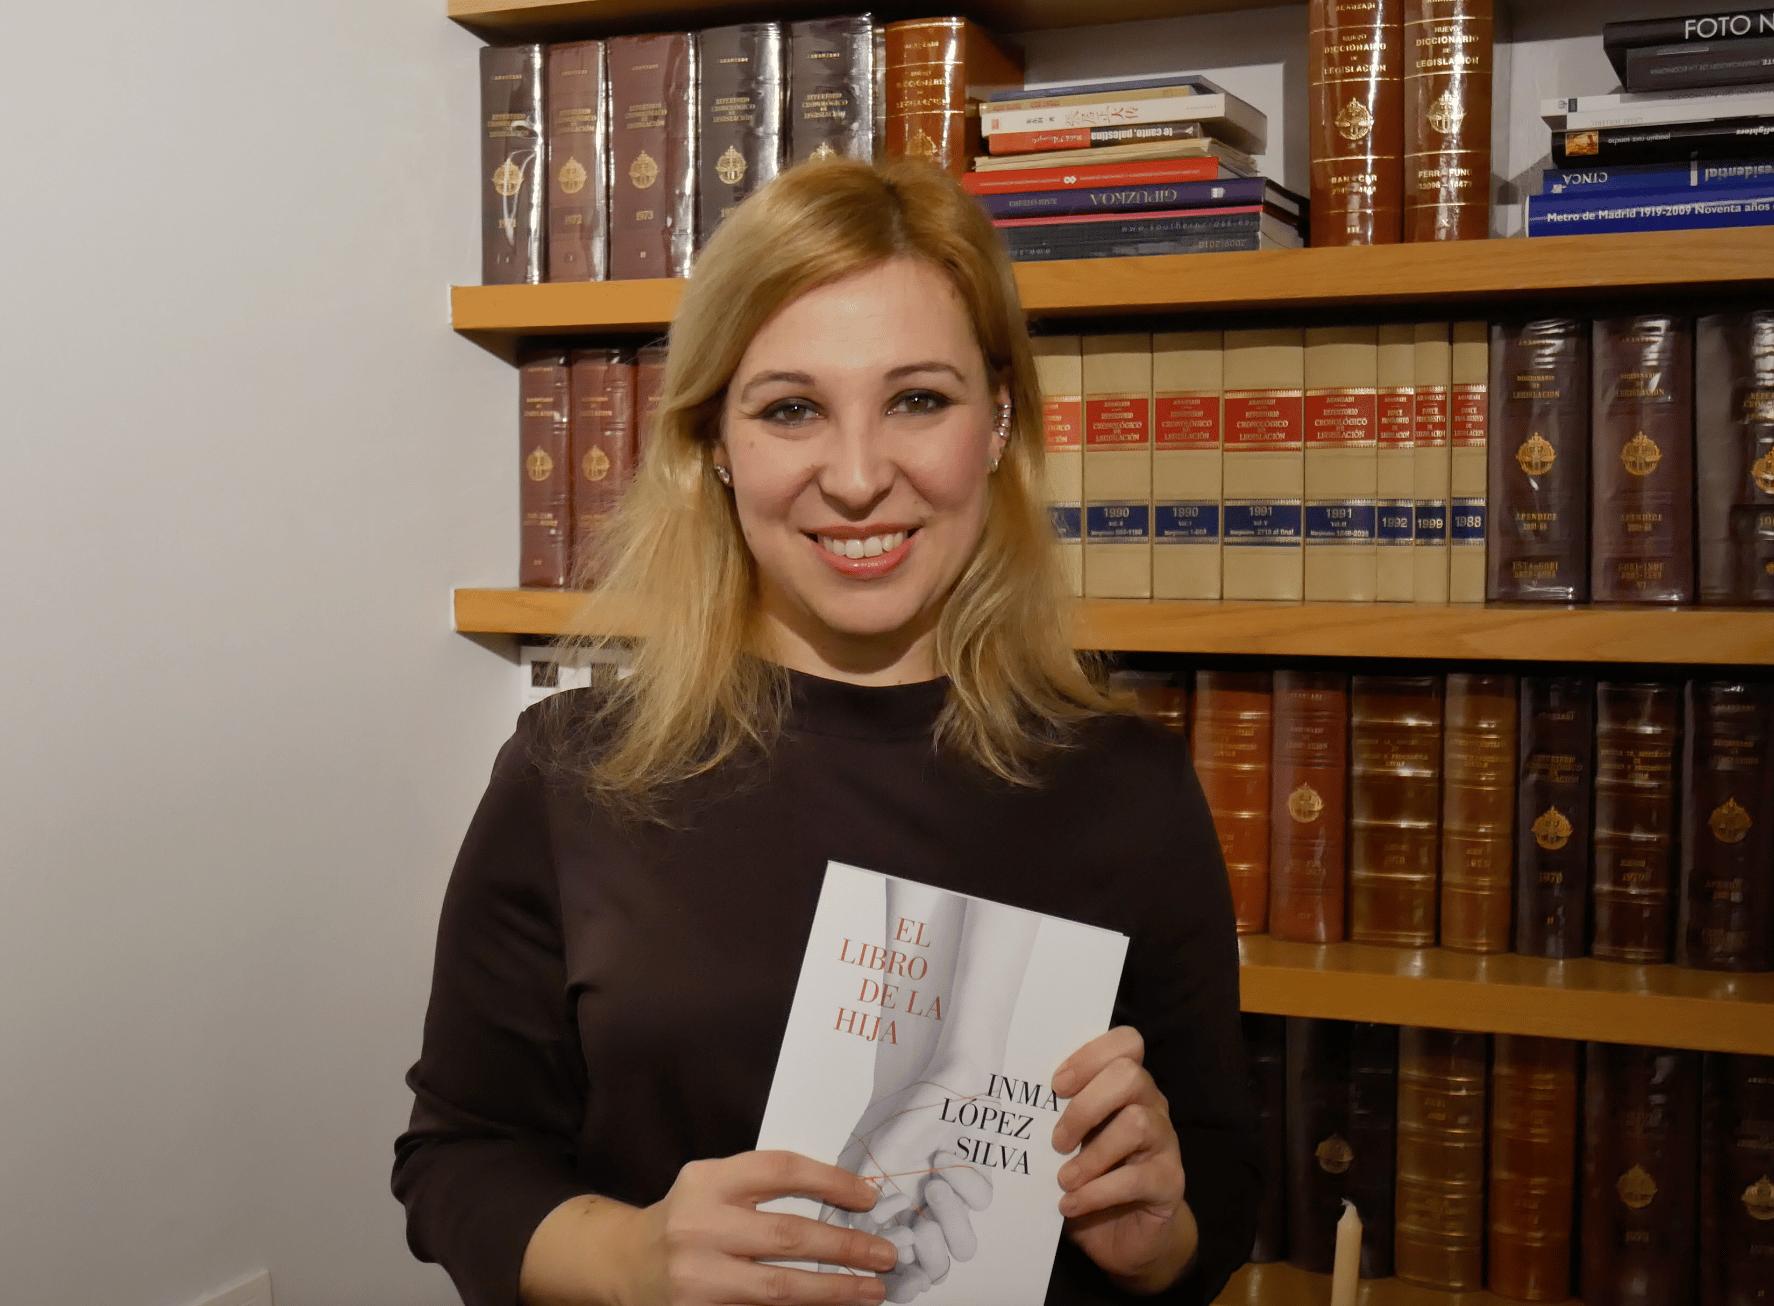 Reseña de El libro de la hija de Inma López Silva @siguelumen